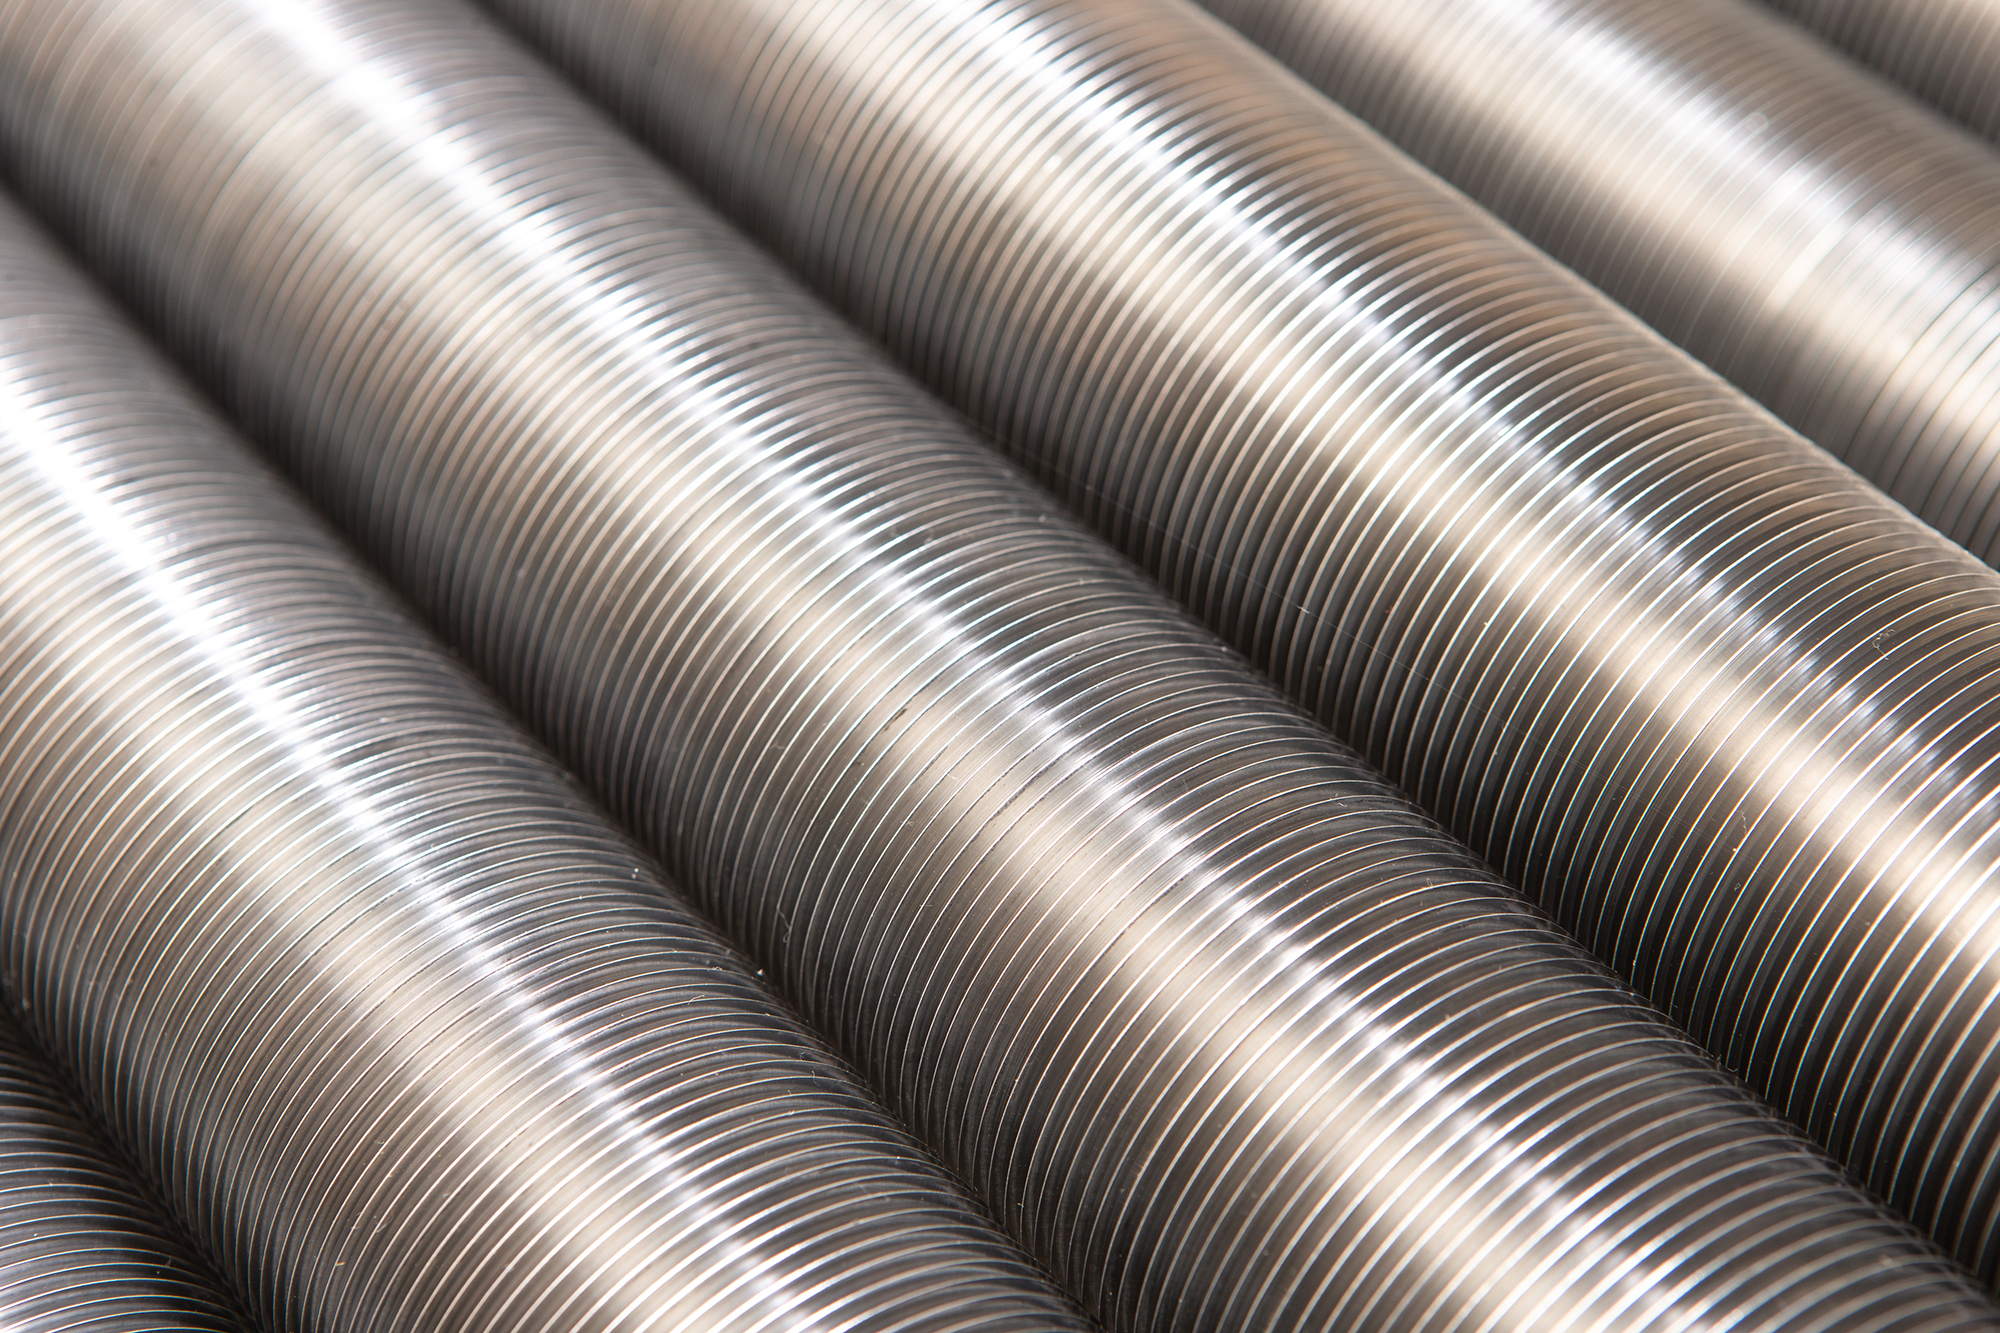 finned tubes